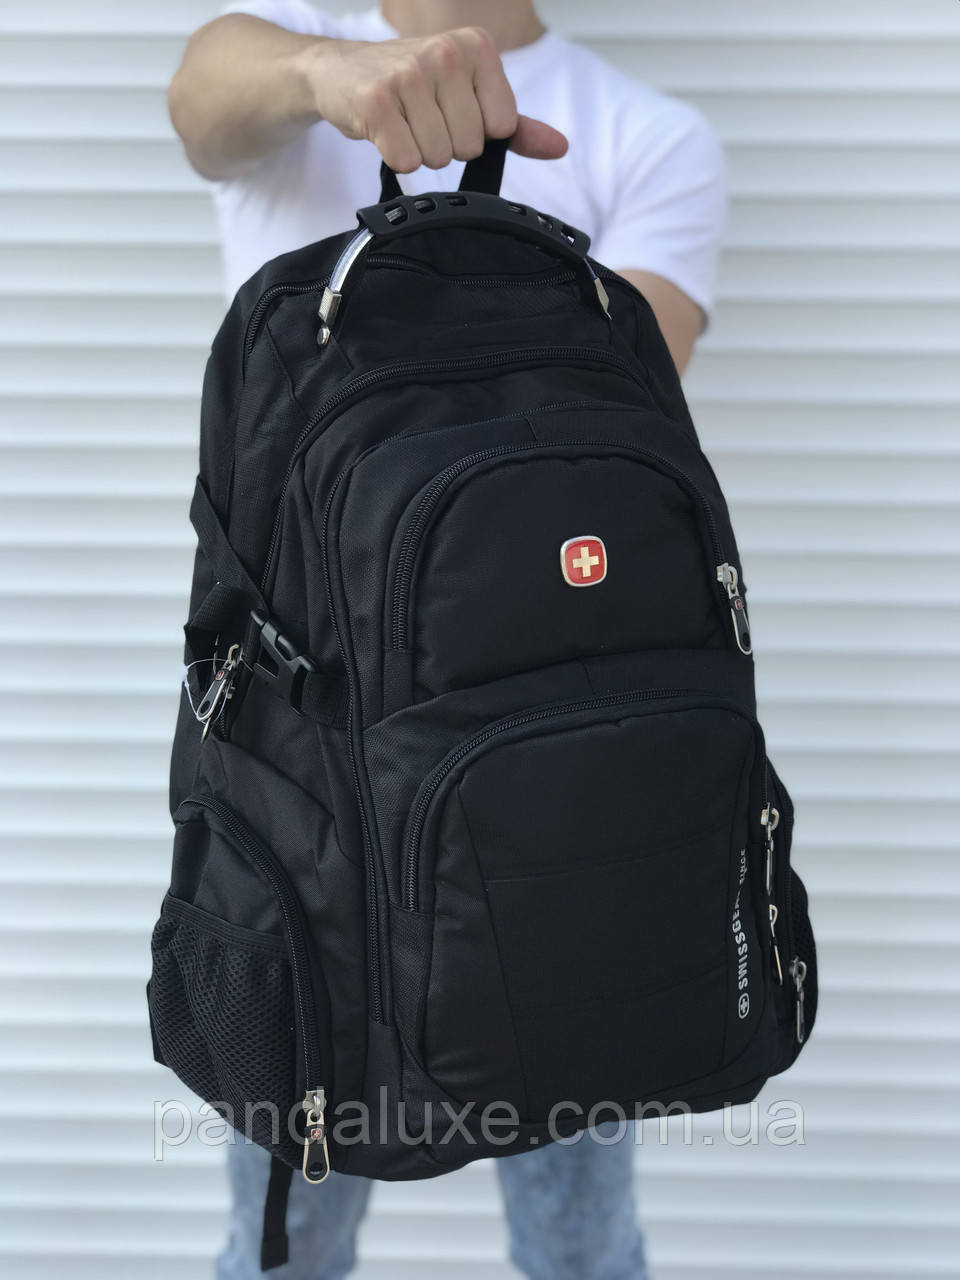 Рюкзак городской мужской черный c ортопедической спинкой Swissgear 46х30 см